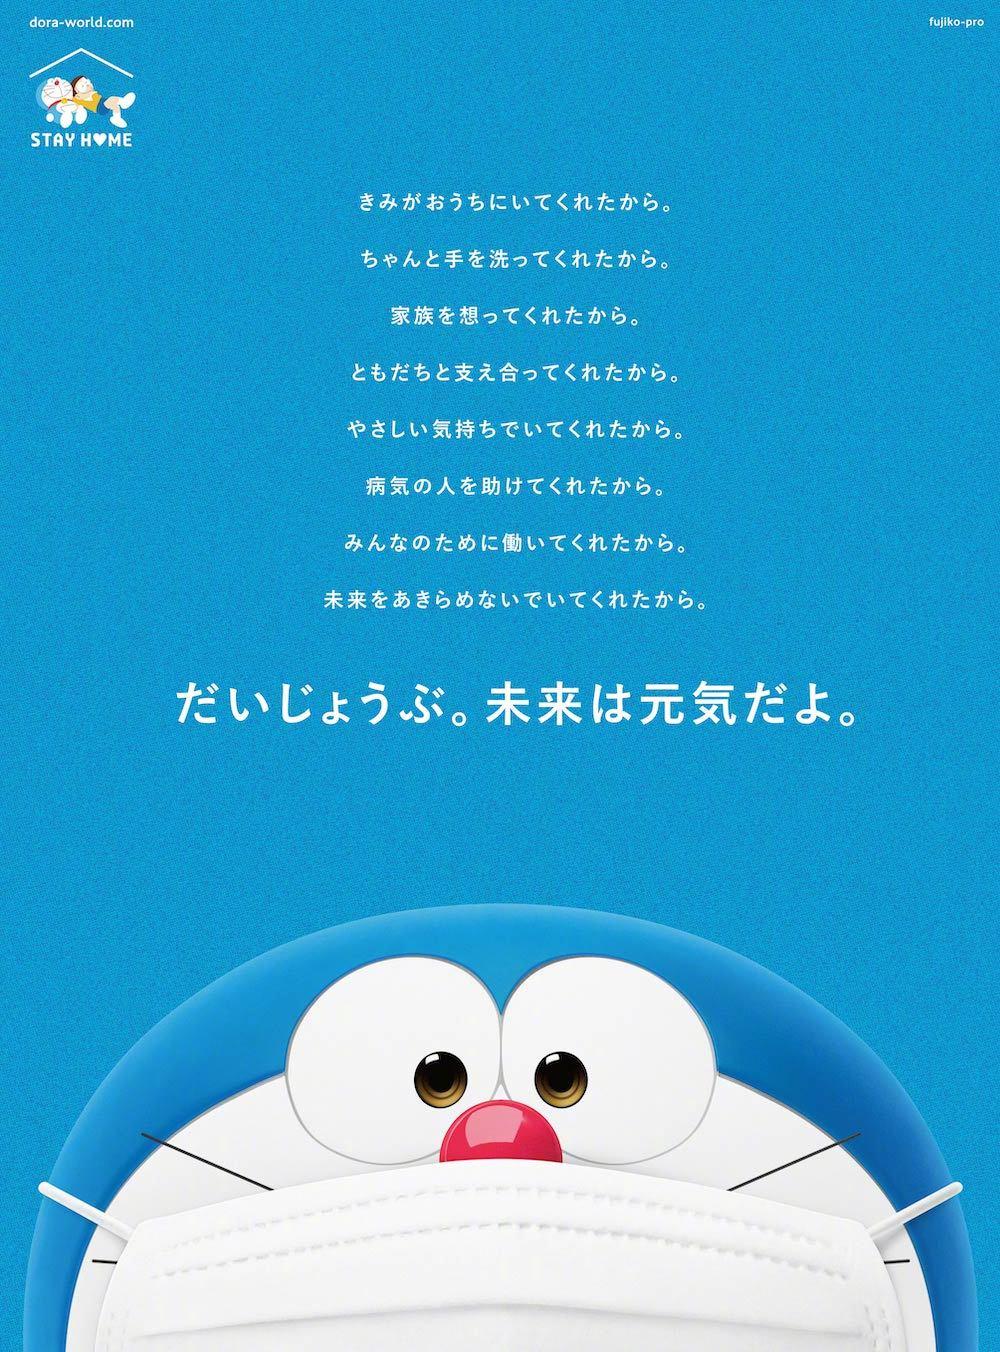 日媒刊登来自哆啦A梦的信,鼓励疫情中的人们图片